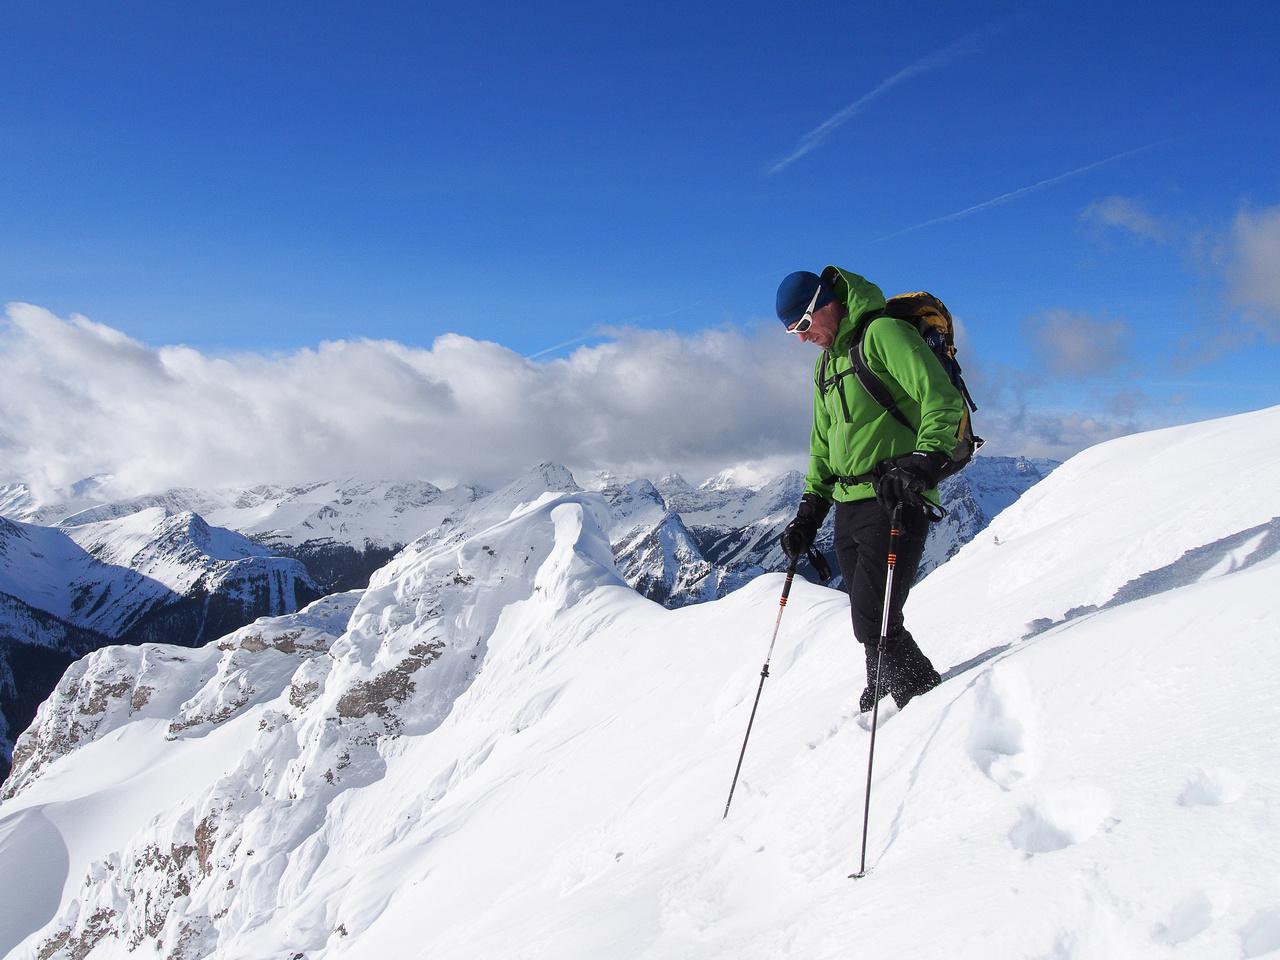 Vern on the summit of Smutwood Peak.